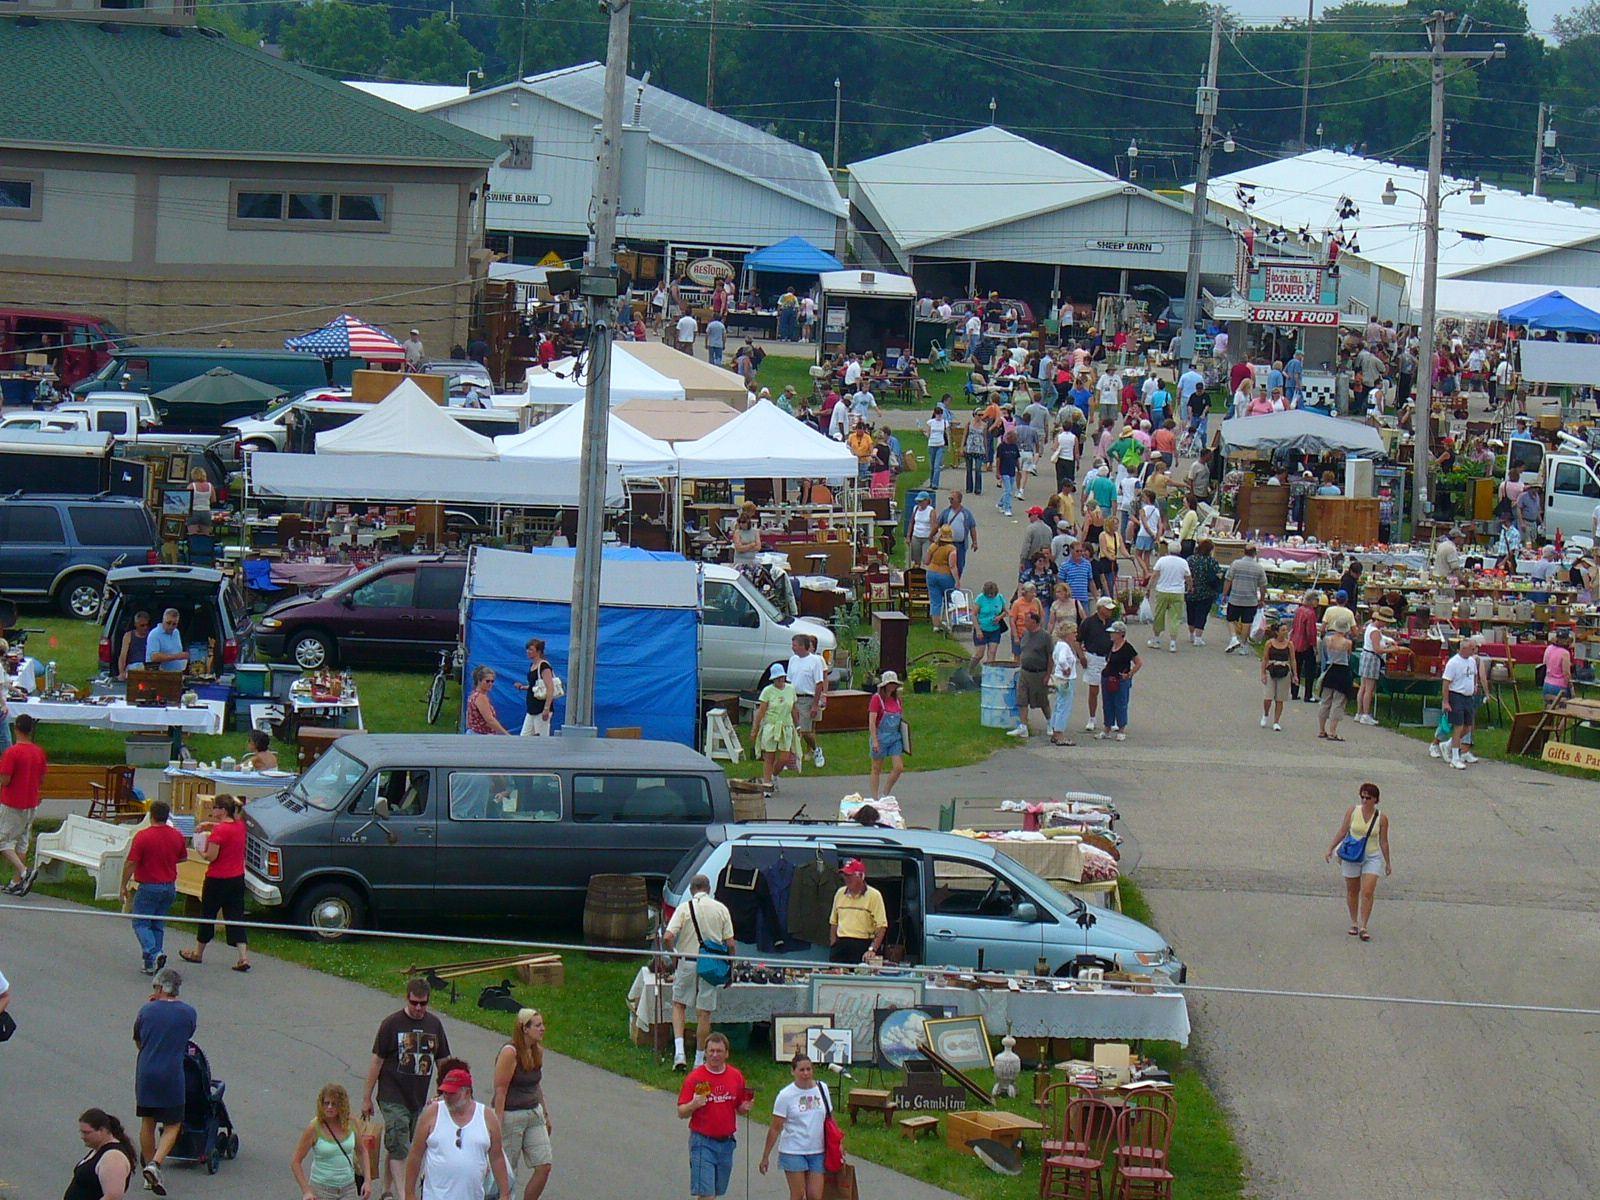 farmers flea market urbana ohio 1st weekend each month love